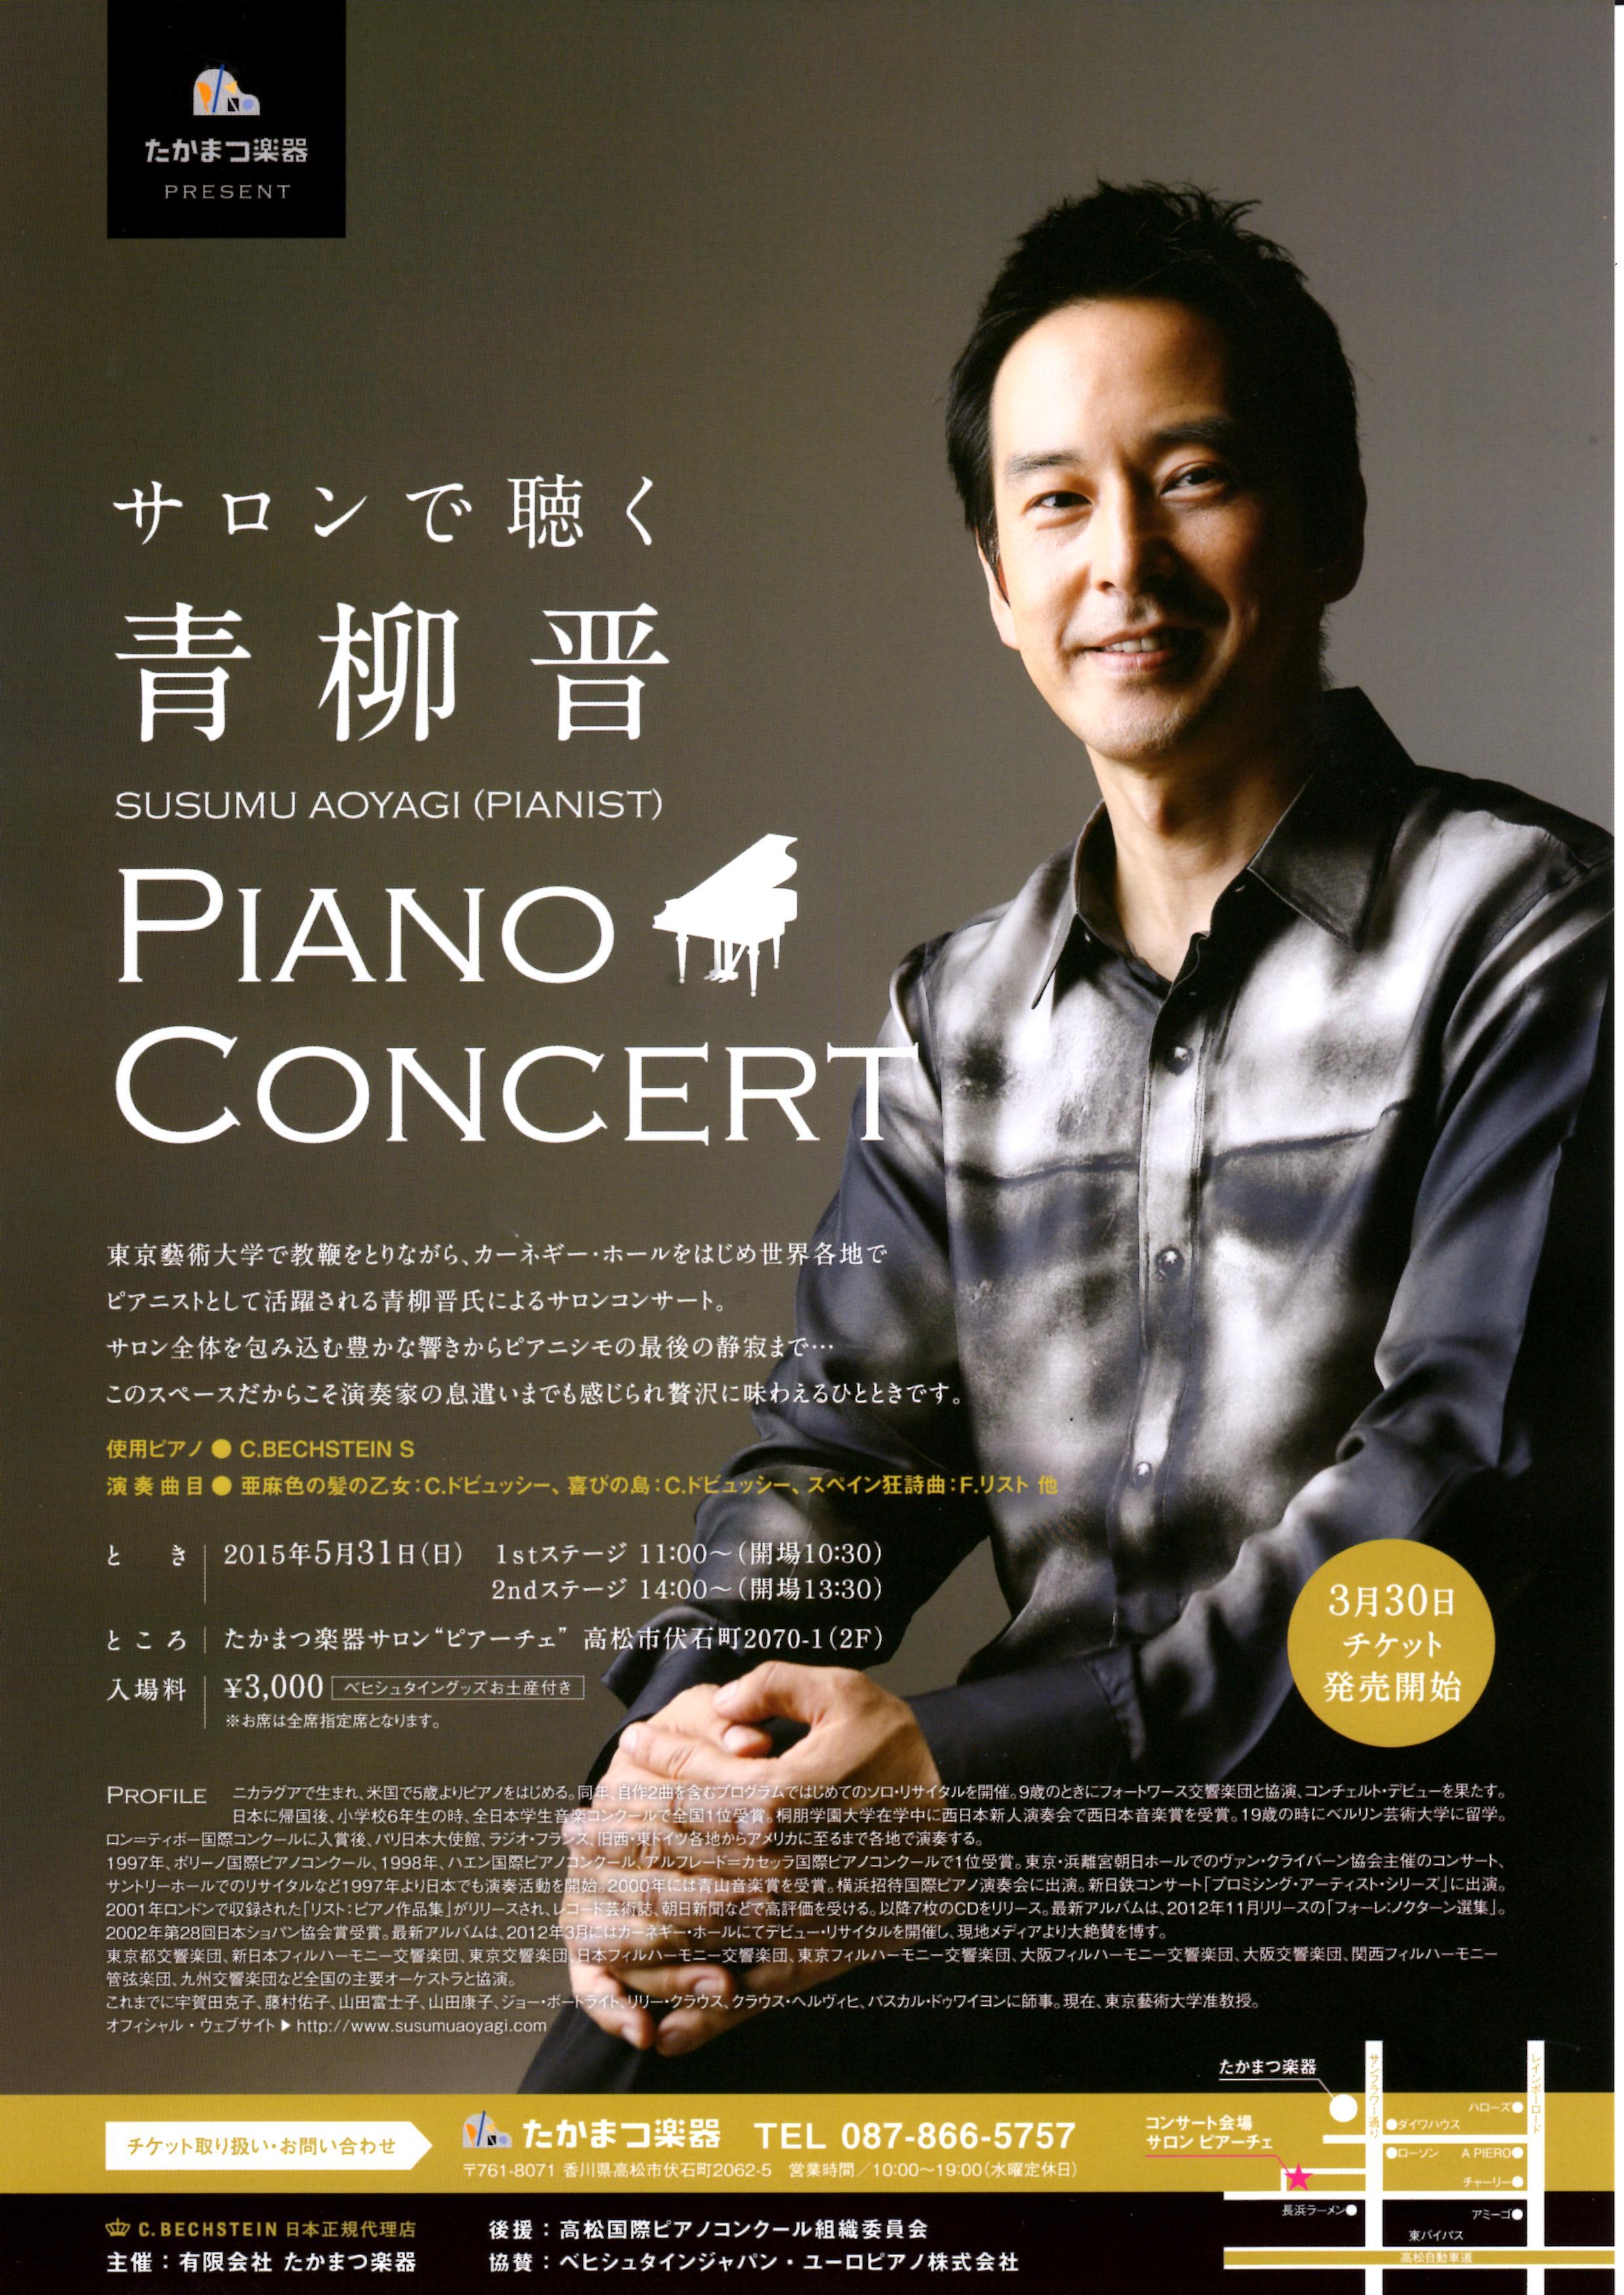 2015/5/31青柳晋ピアノコンサート